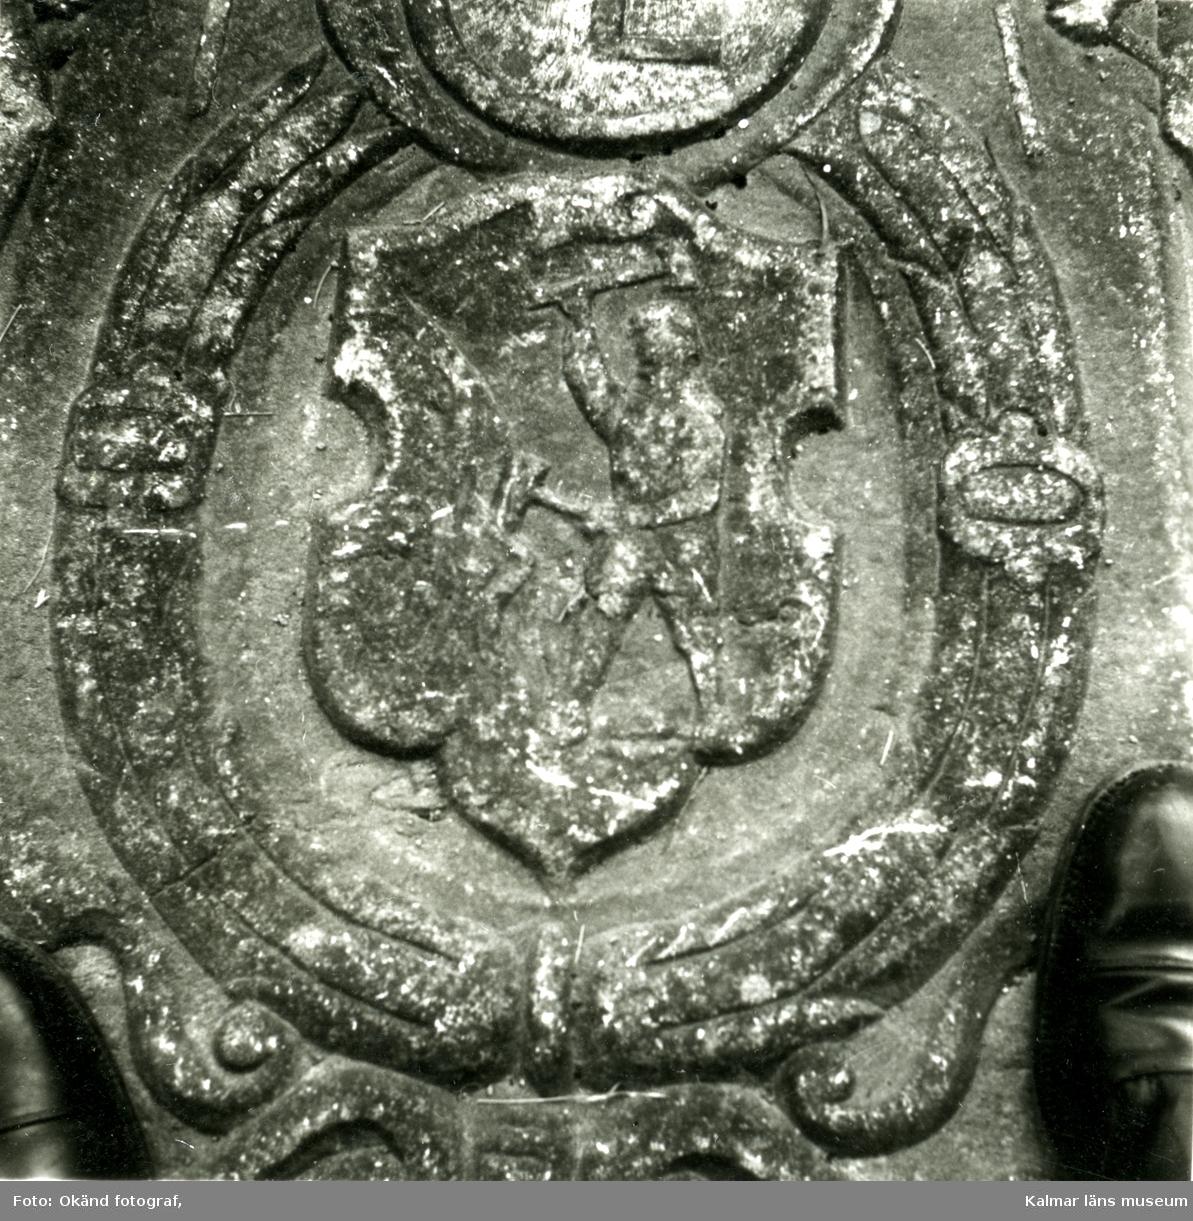 """Gravsten på Gladhammar kyrkogård.  Gravhäll av kalksten med dubbel randskrift, textkartuscher och emblem. """"Här under ligger begraven salig hos Herren Leonart Hosman, död den 30 april anno 1640. Gud förläne honom och alla kristtrogna en salig uppståndelse Amen. Tysk text.  Leonard Hosman, holländsk bruksidkare, fick 1623 priv. på Gladhammars gruvor. Jämför Västerviks Historia där Hosman och hans kompanjon i mitten av 1630-talet sägs ha återvänt till Holland."""